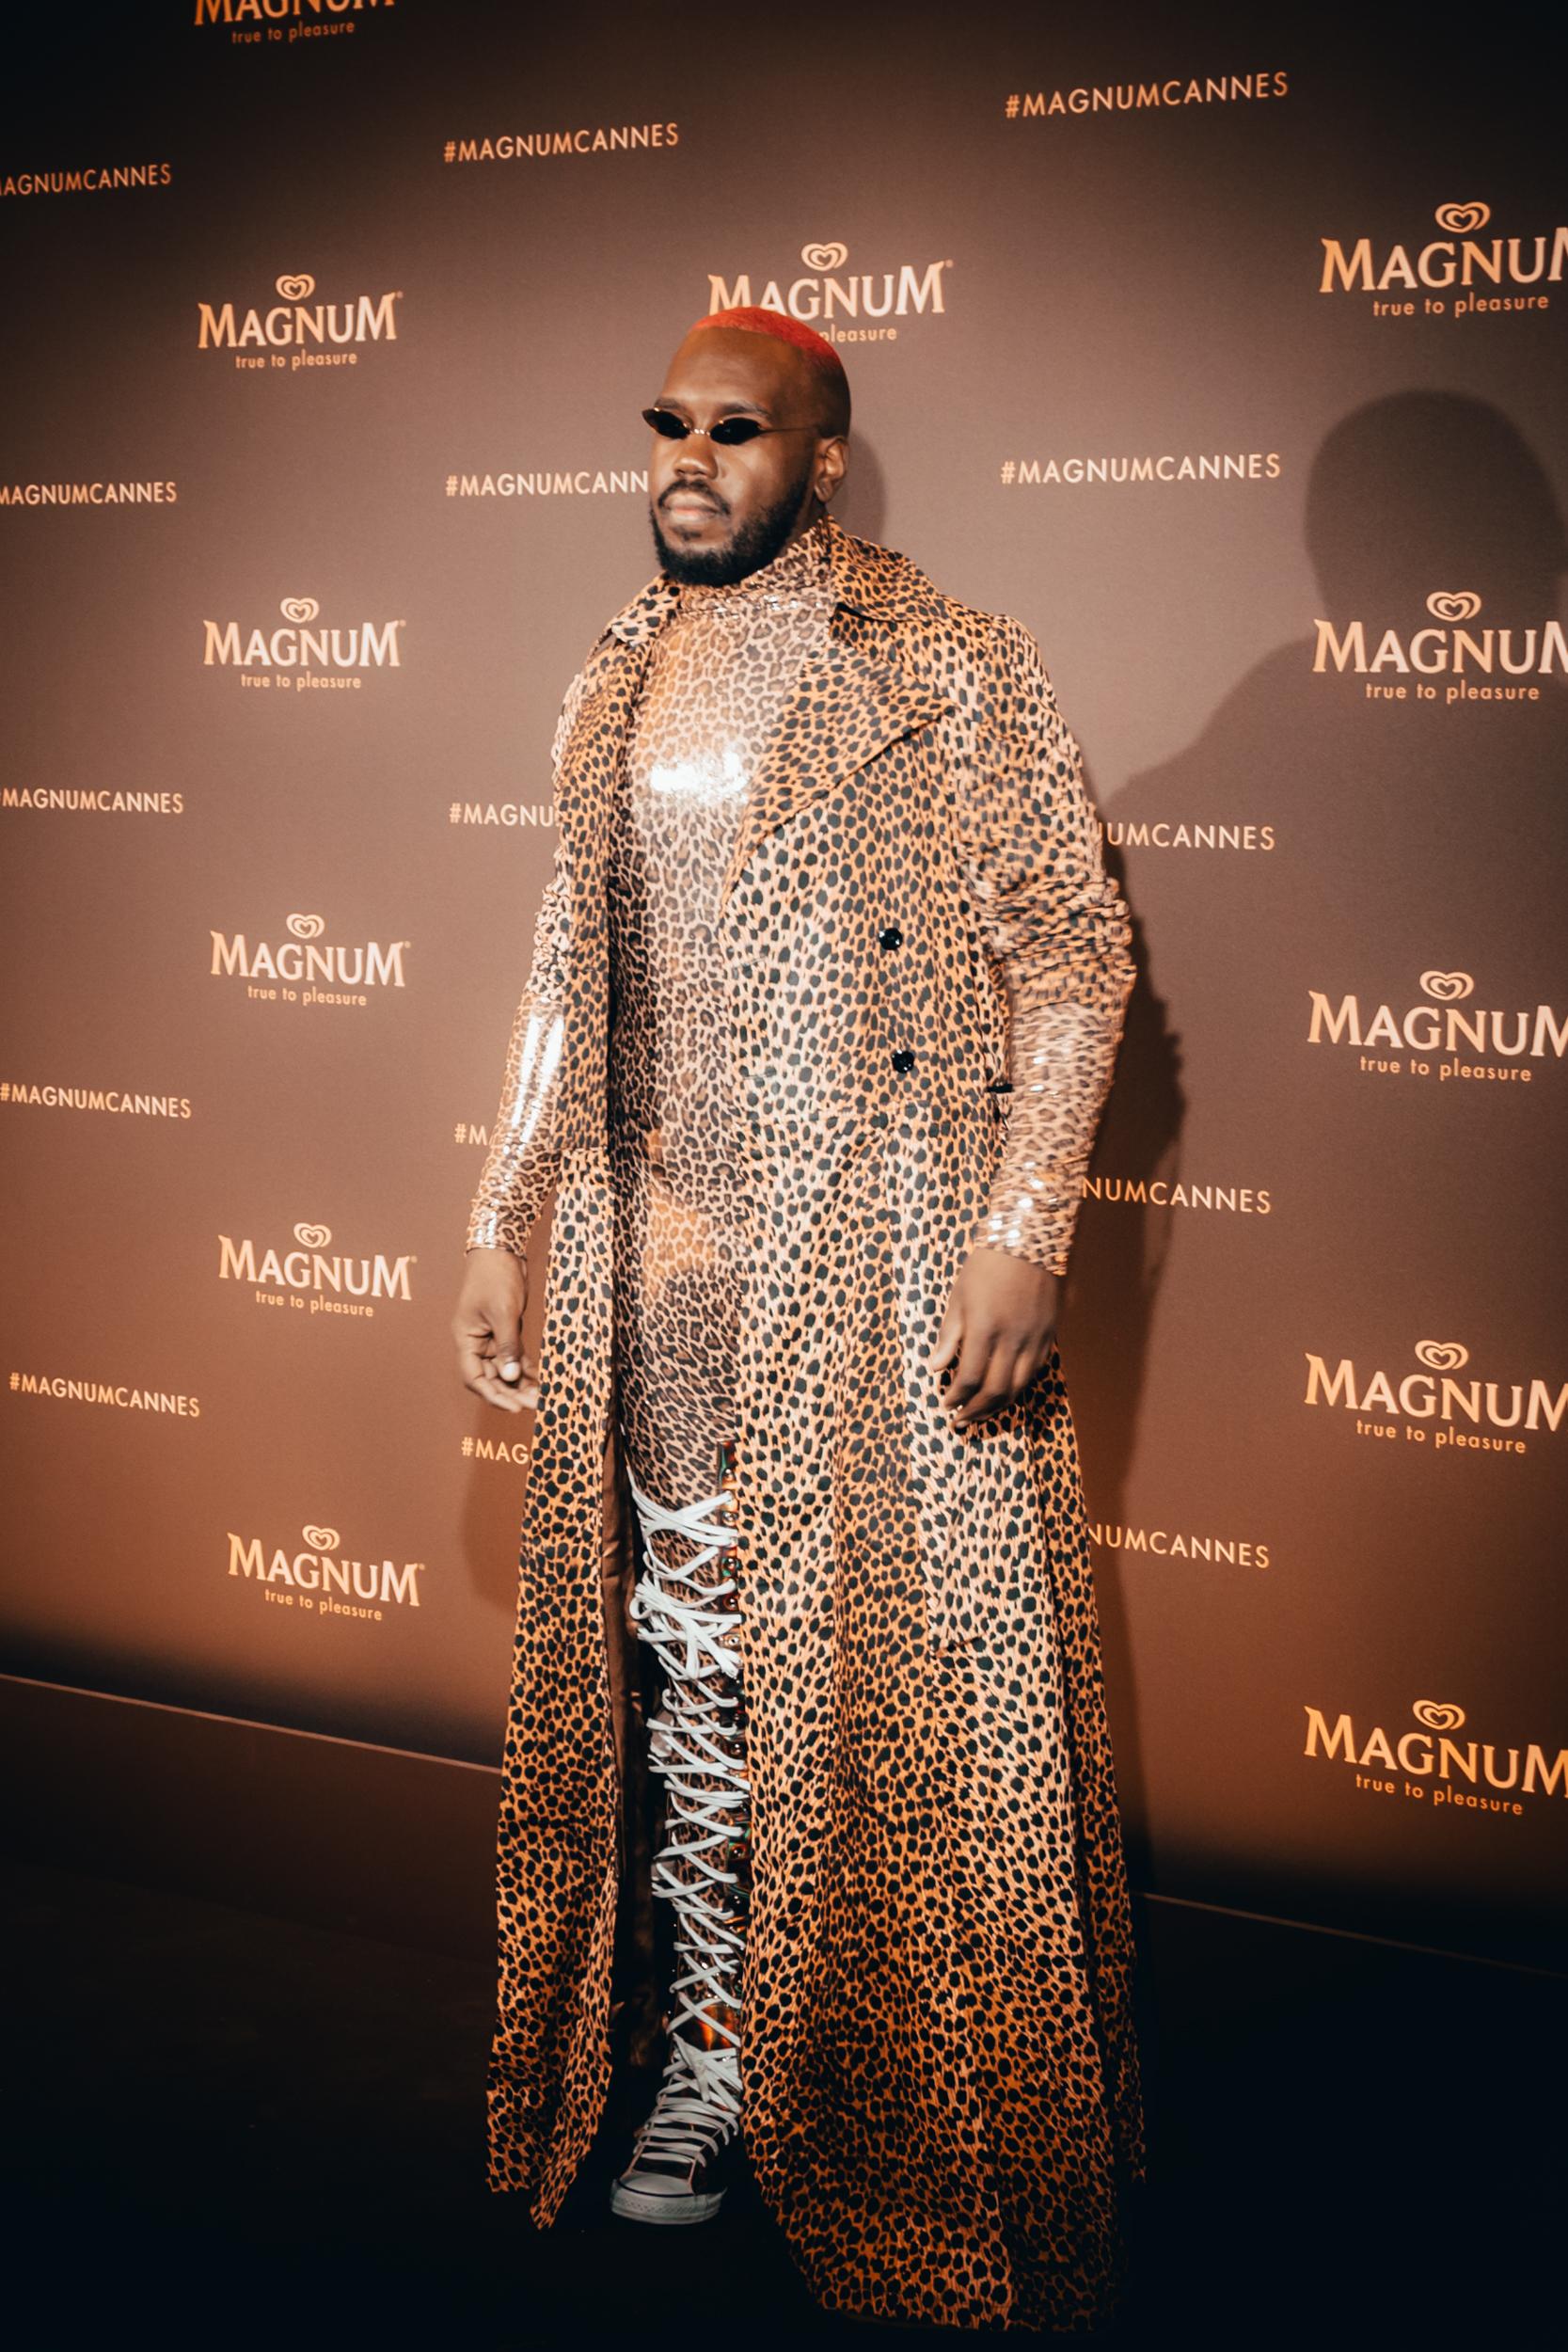 Magnum Cannes 2019_Florian Leger_HD_N°-545.jpg